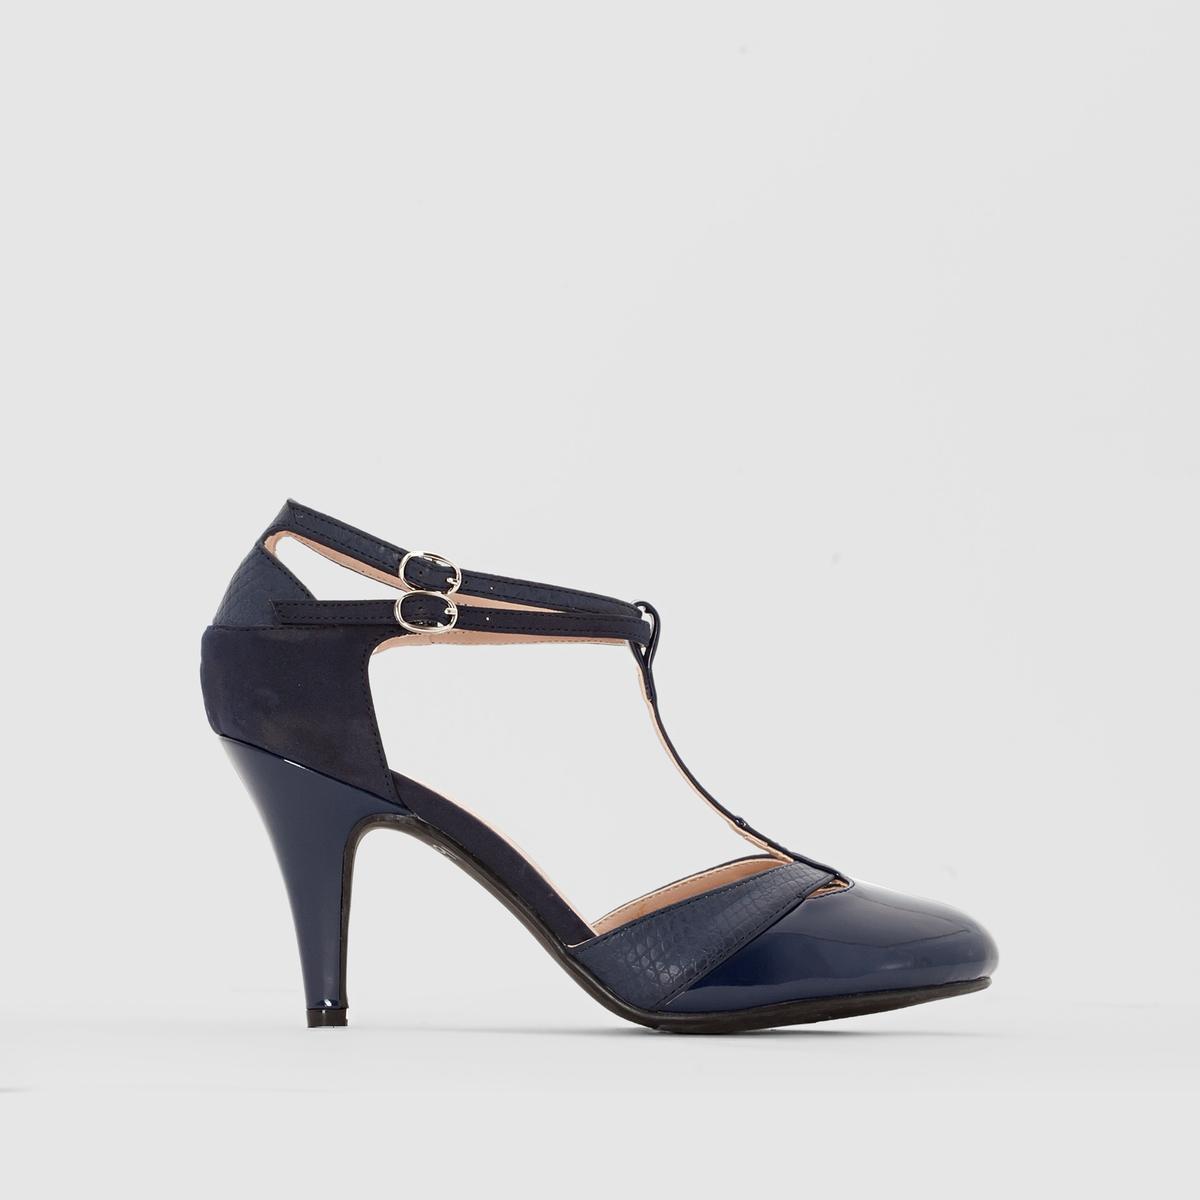 Туфли на каблукеМарка : CASTALUNAПодходит : для широкой стопы.Верх : искусственная замша, лакированная синтетика под кожу питона.Подкладка : синтетикаСтелька : кожа.Подошва : из эластомера .Каблук  : 8,5 см.Преимущества : Идеальны для повседневной одежды.<br><br>Цвет: синий морской<br>Размер: 41